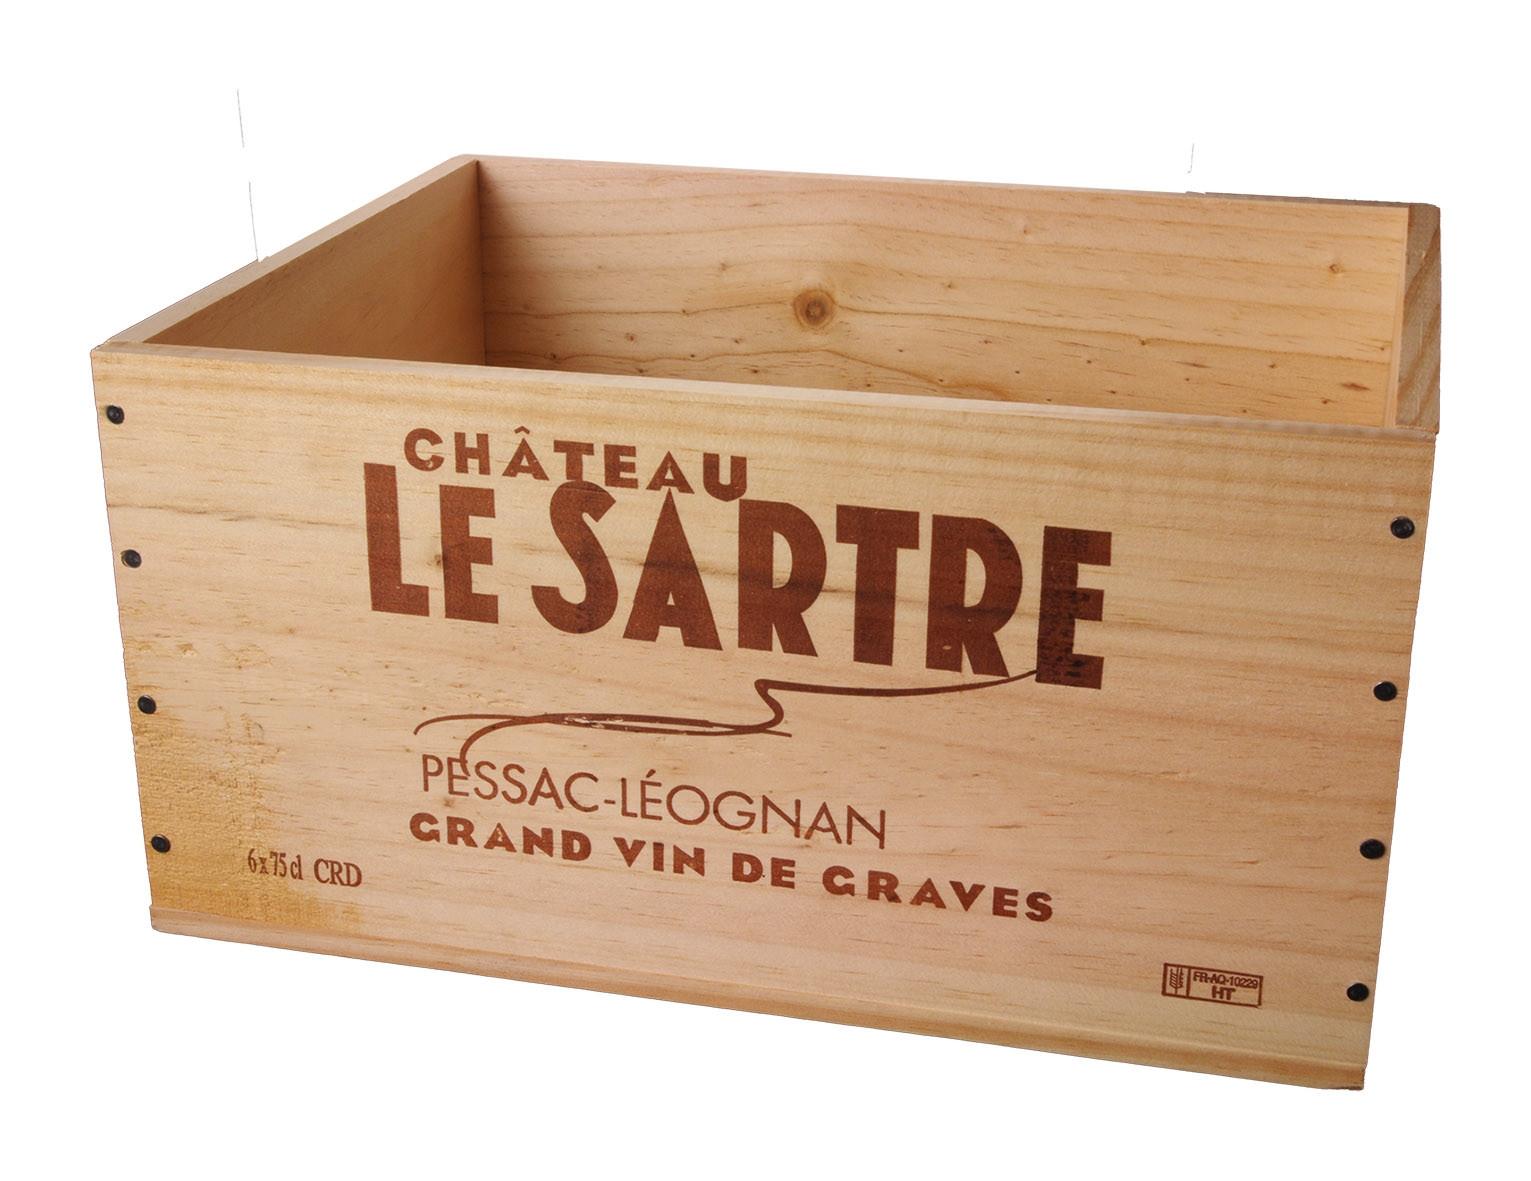 Caisse Bois 6x75cl estampillé Château le Sartre www.odyssee-vins.com